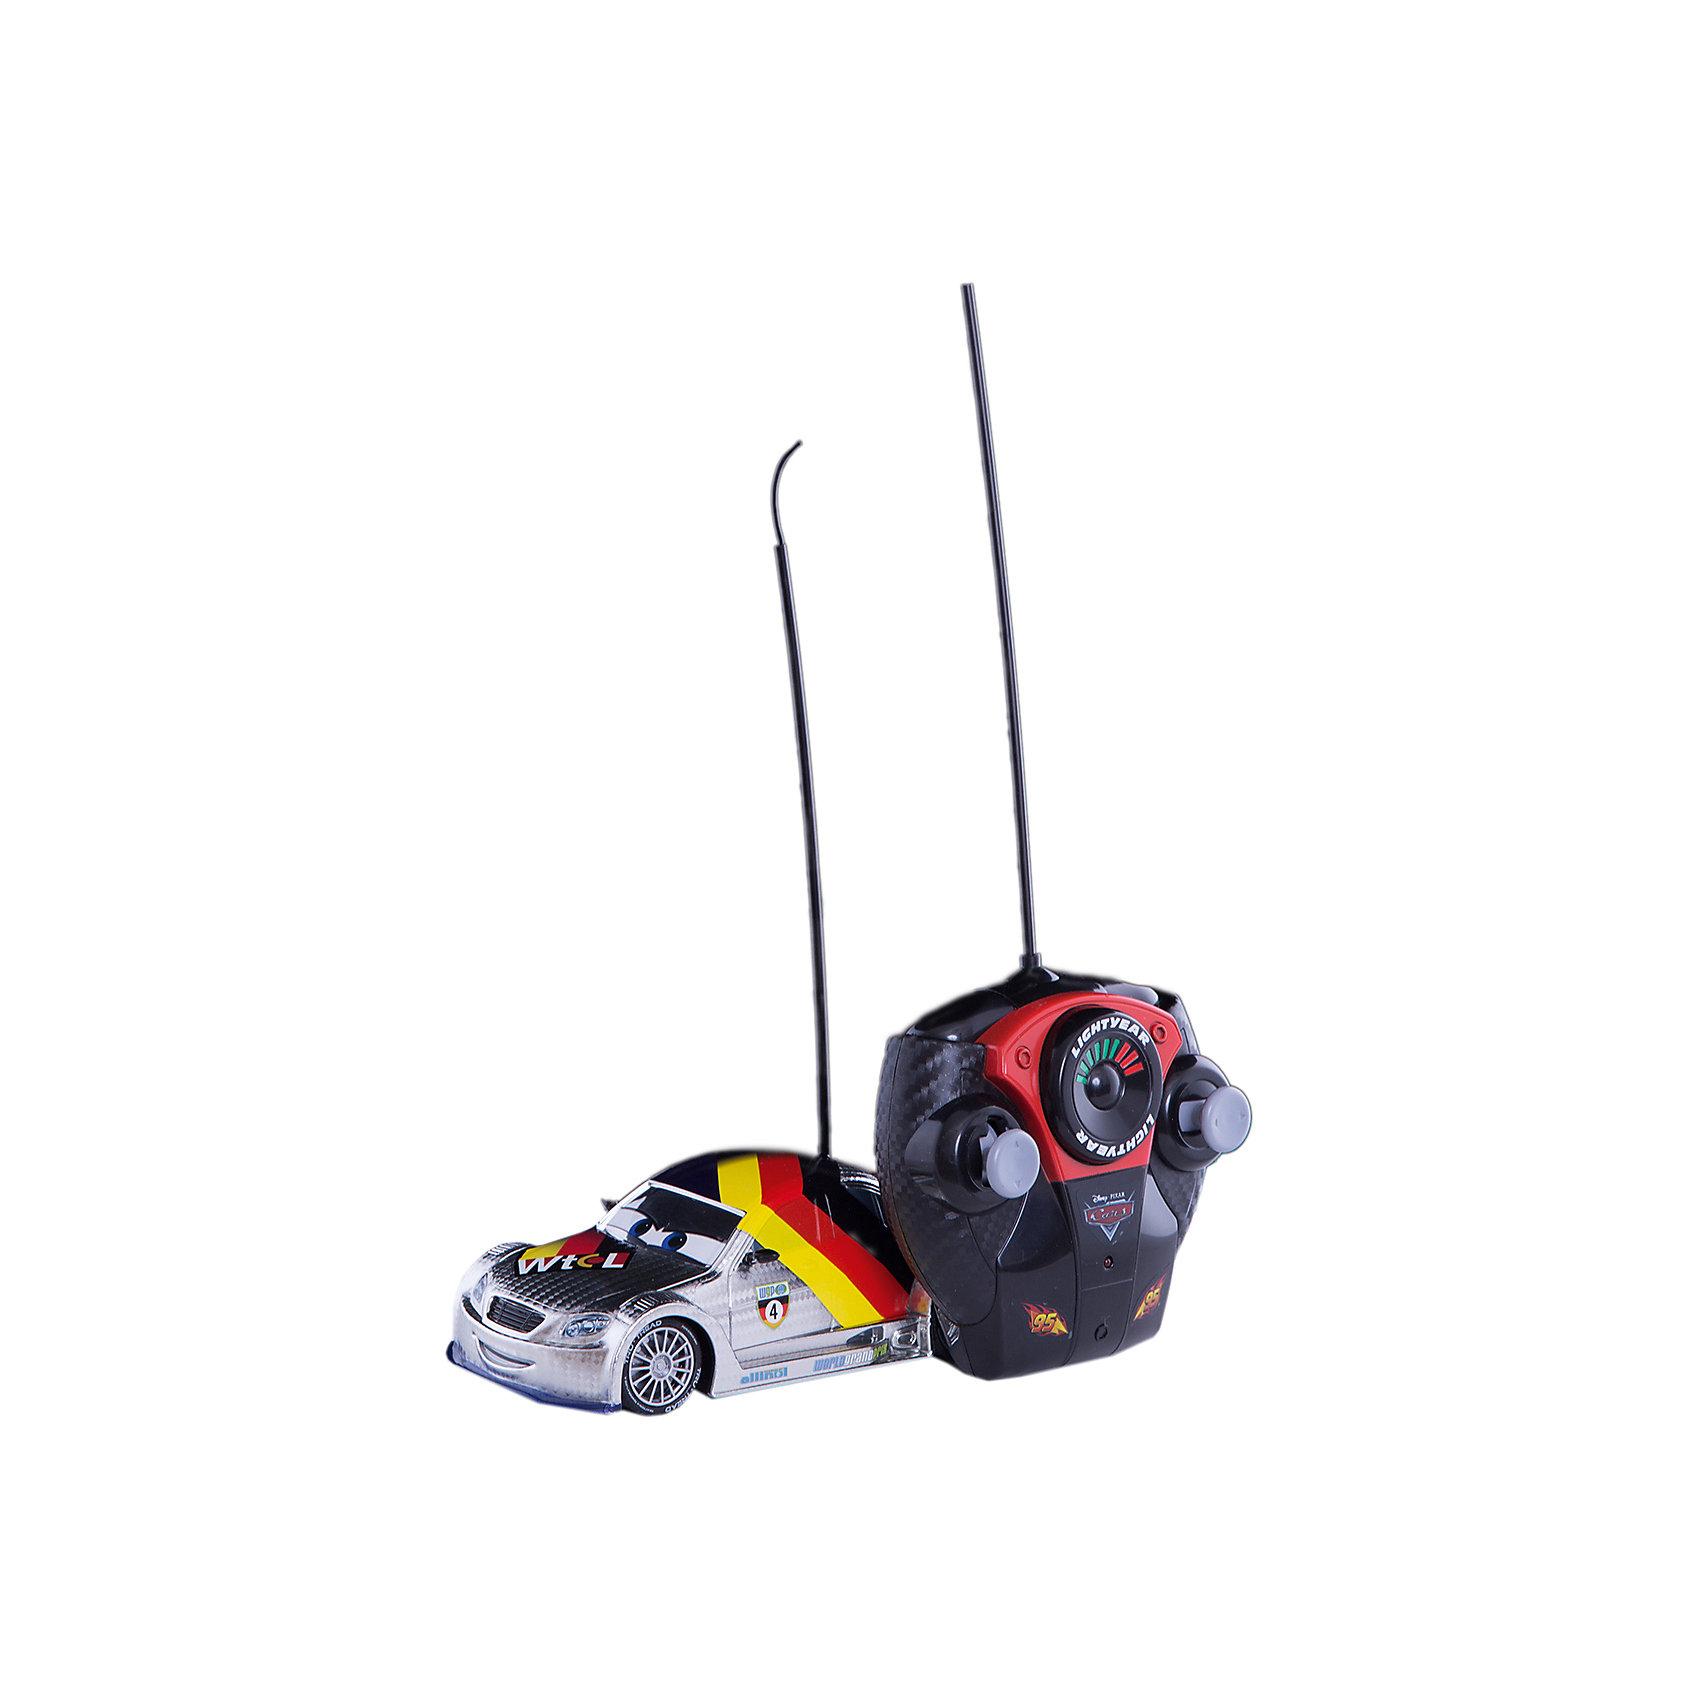 Машина на р/у Макс Шнель, серебристая, 1:24, 18см, Dickie ToysРадиоуправляемый транспорт<br>Характеристики:<br><br>• длина машинки: 18 см;<br>• масштаб: 1:24;<br>• особенности: радиоуправление, ускорение;<br>• комплектация: машинка, пульт управления;<br>• требуются батарейки: 3 шт. типа АА + 3 шт. типа ААА; <br>• батарейки приобретаются отдельно;<br>• материал: пластик;<br>• размер упаковки: 28х14х15 см;<br>• вес: 541 г.<br><br>Машинка Макс Шнель – персонаж из мультфильма «Тачки». С помощью пульта управления можно задавать направление движения автомобиля, регулировать его скорость, придавать ускорение на значимых участках трассы во время гонок. В процессе игры развивается внимание, сосредоточенность, координация движений. <br><br>Машину на р/у Макс Шнель, серебристая, 1:24, 18см, Dickie Toys можно купить в нашем магазине.<br><br>Ширина мм: 150<br>Глубина мм: 300<br>Высота мм: 150<br>Вес г: 538<br>Возраст от месяцев: 36<br>Возраст до месяцев: 1164<br>Пол: Мужской<br>Возраст: Детский<br>SKU: 2566993